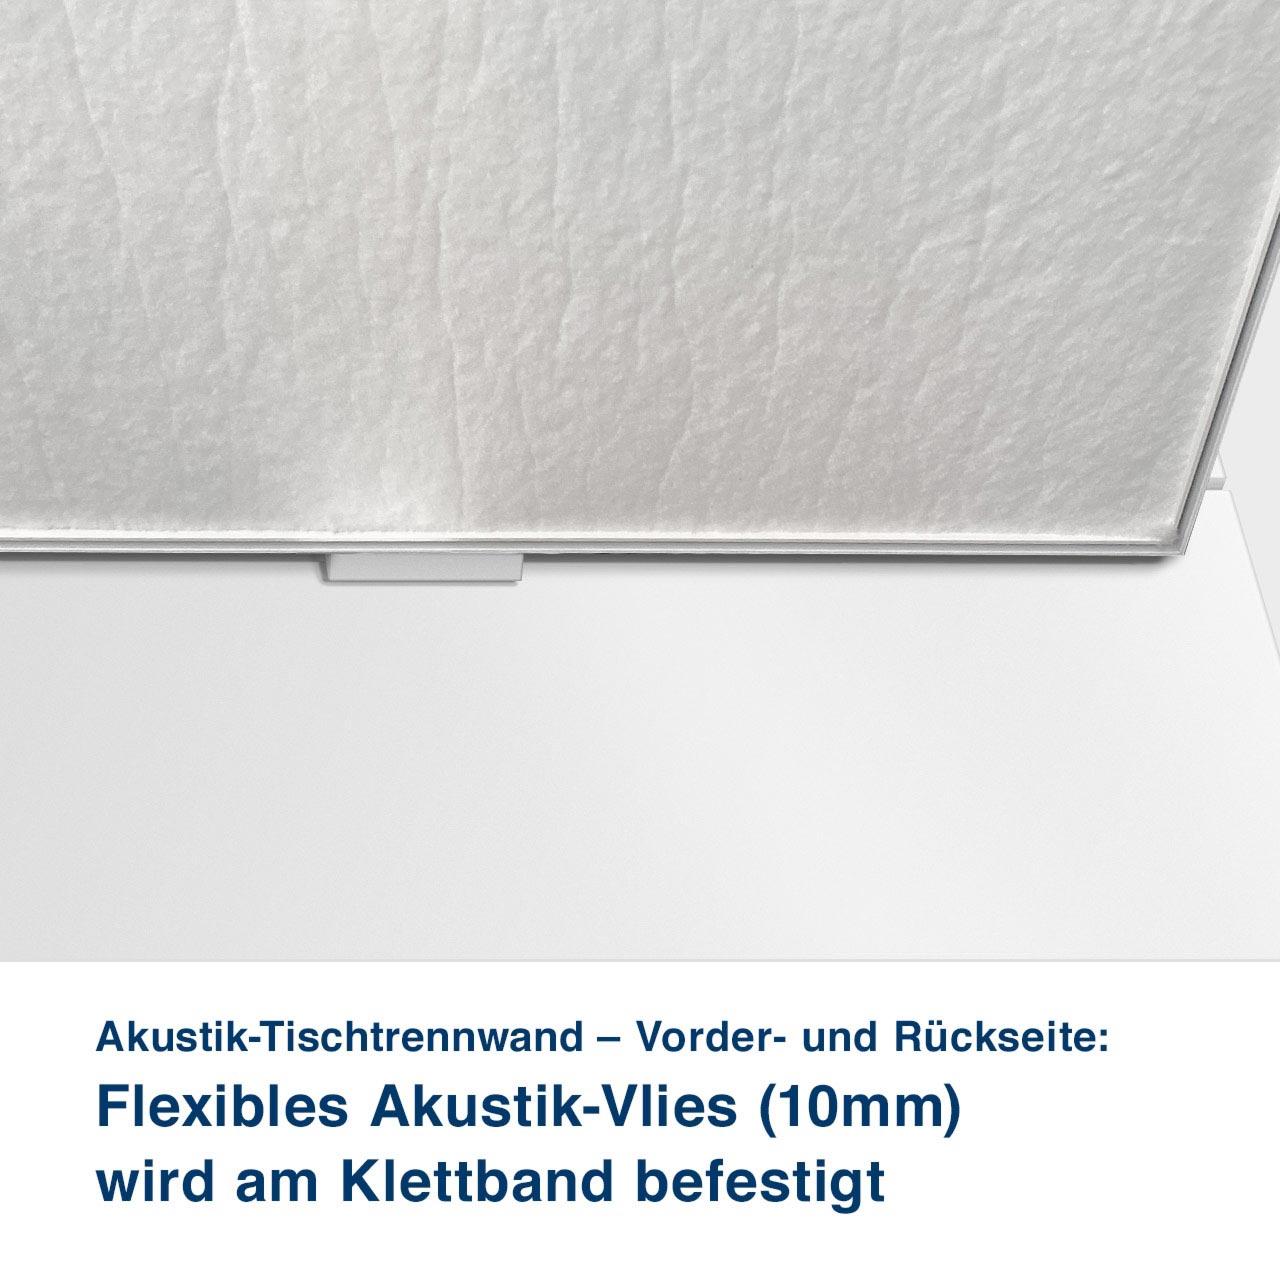 Akustik-Tischtrennwand – Vorder- und Rückseite:   Flexibles Akustik-Vlies (10mm)  wird am Klettband befestigt